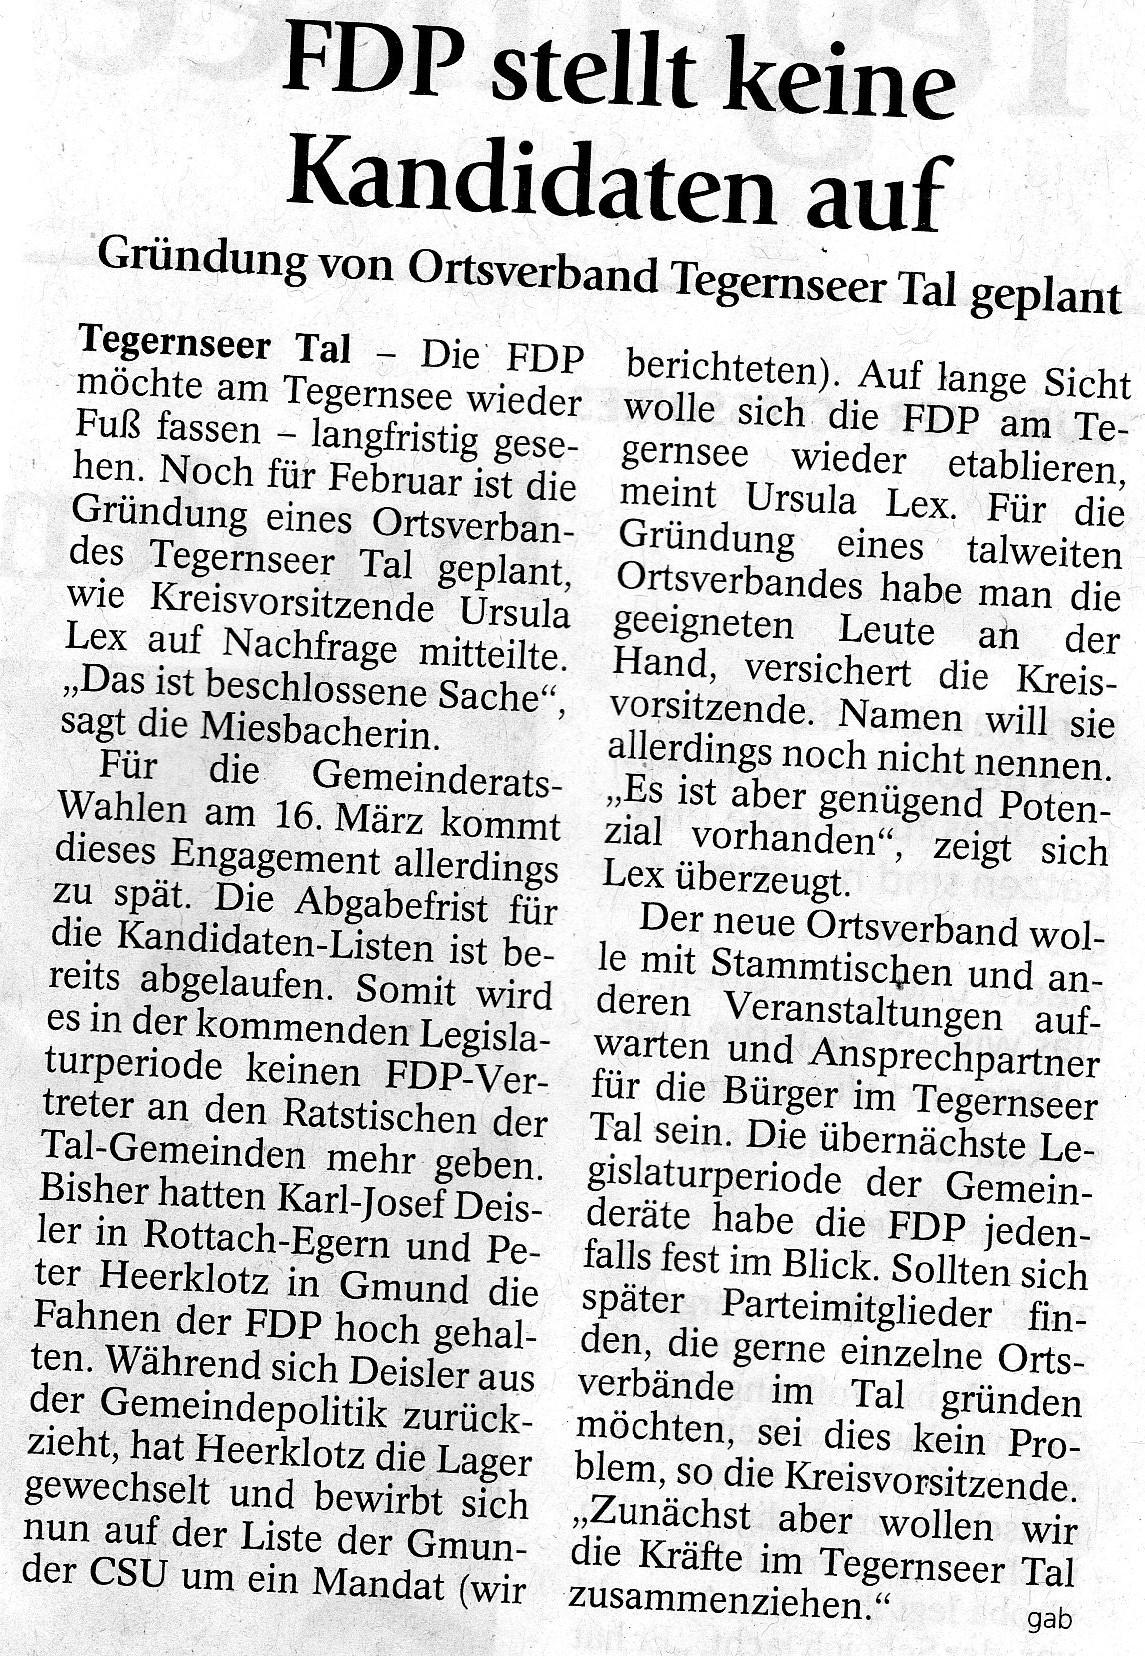 28. Januar 2014: FDP stellt keine Kandidaten auf (.jpg)